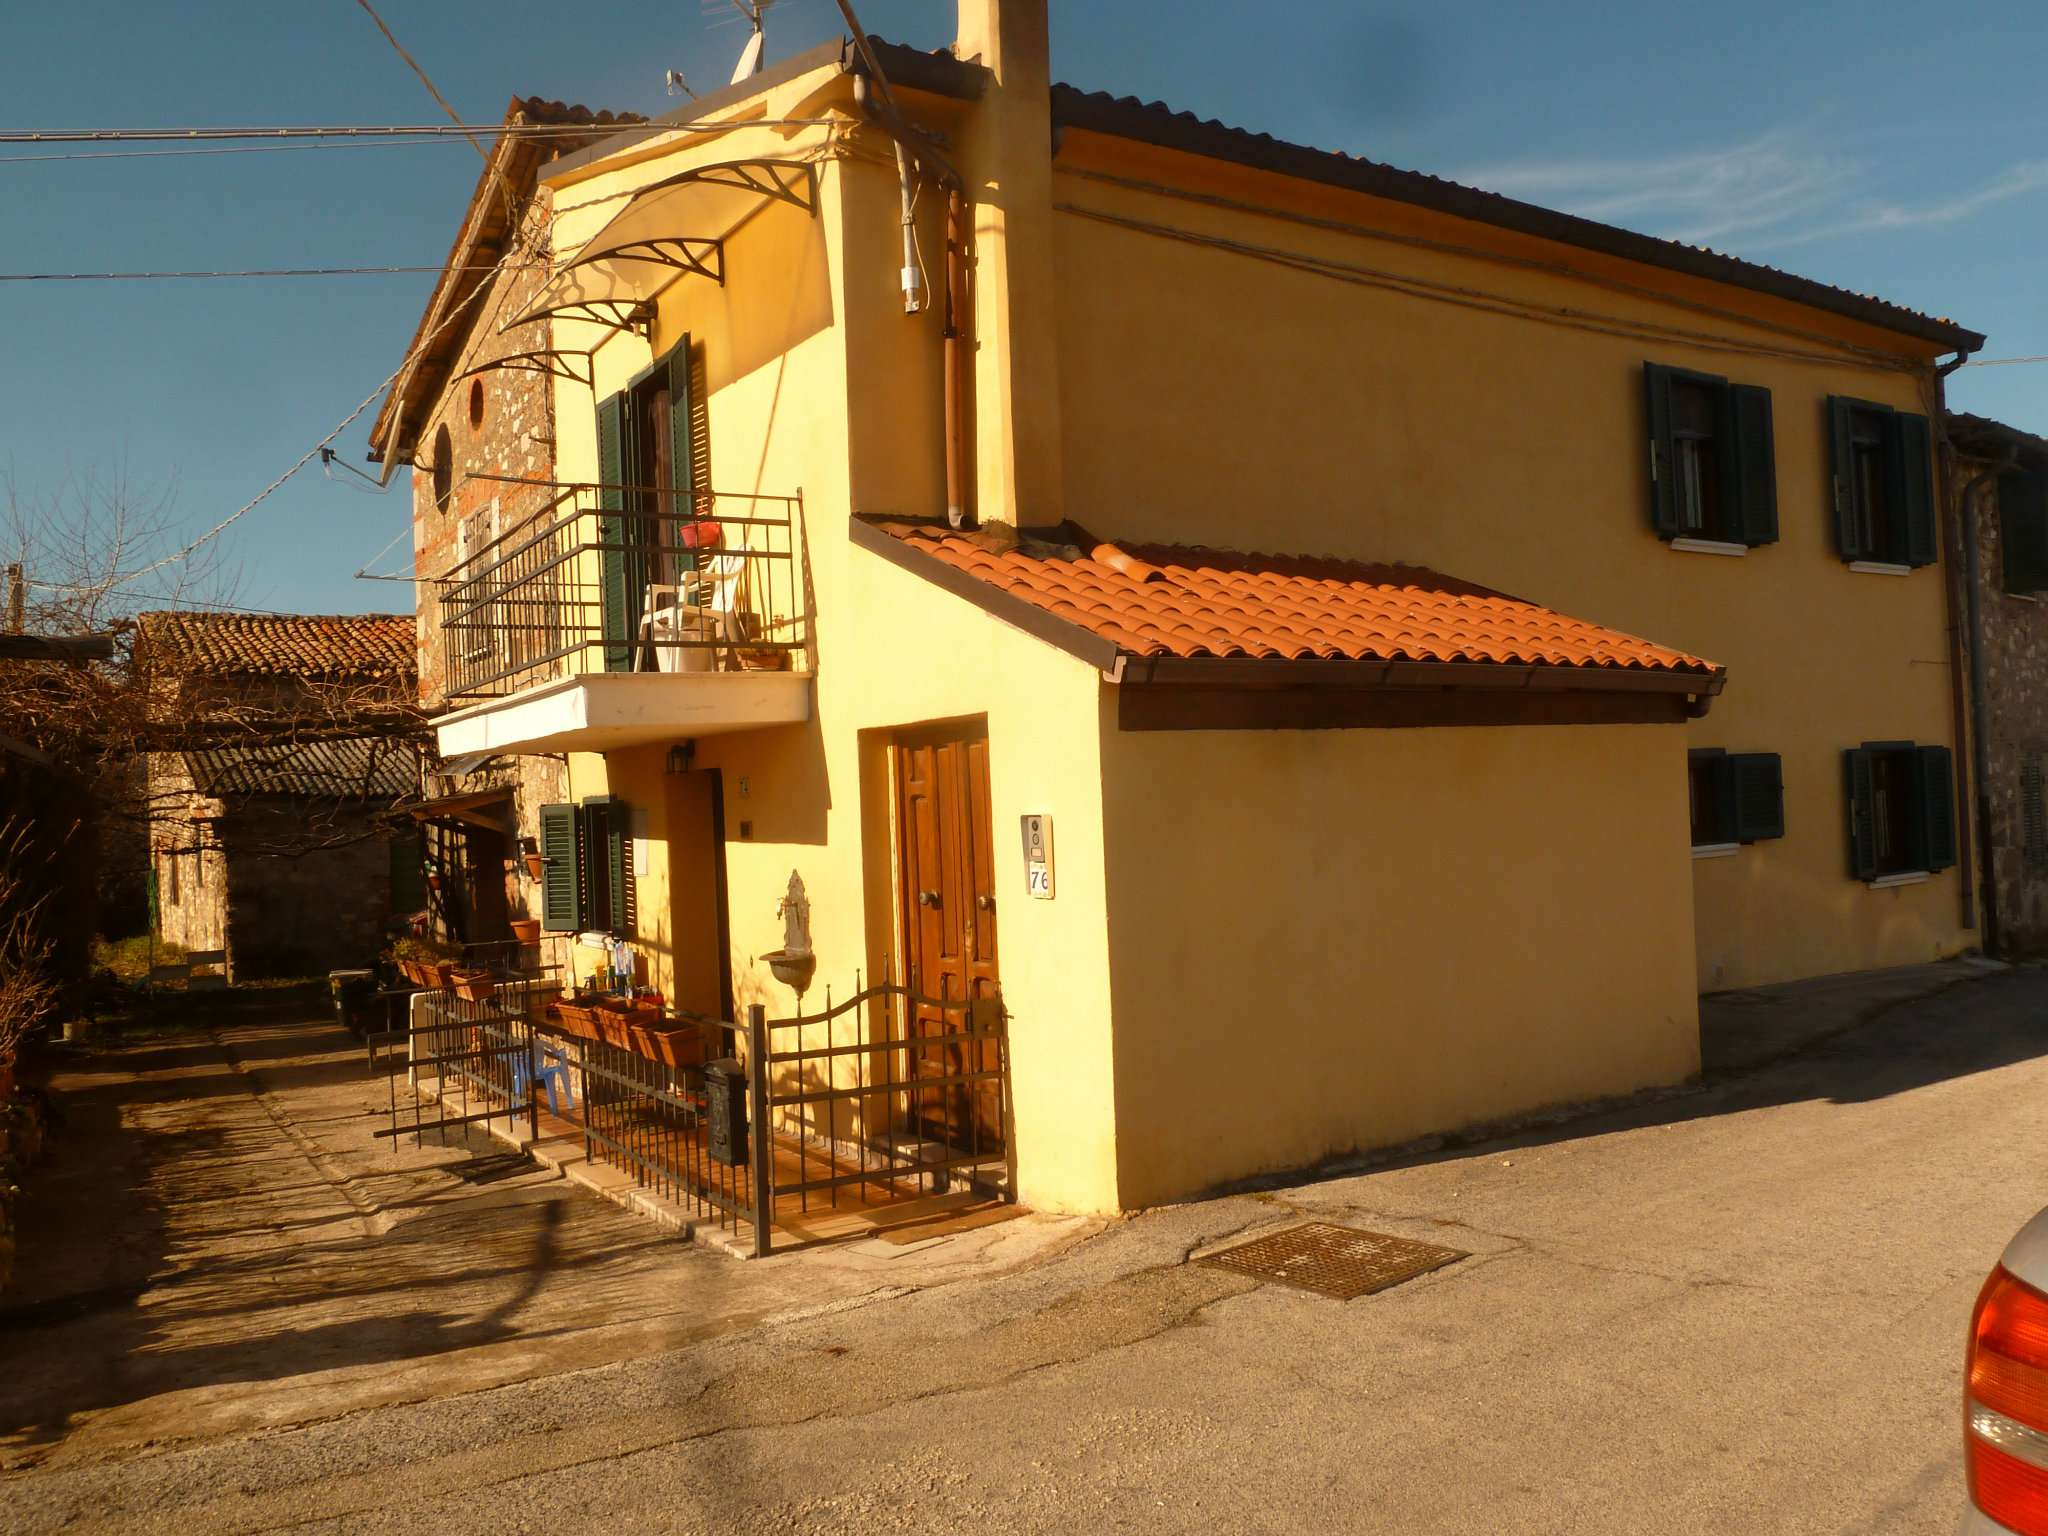 Soluzione Semindipendente in vendita a Oricola, 4 locali, prezzo € 110.000 | Cambio Casa.it